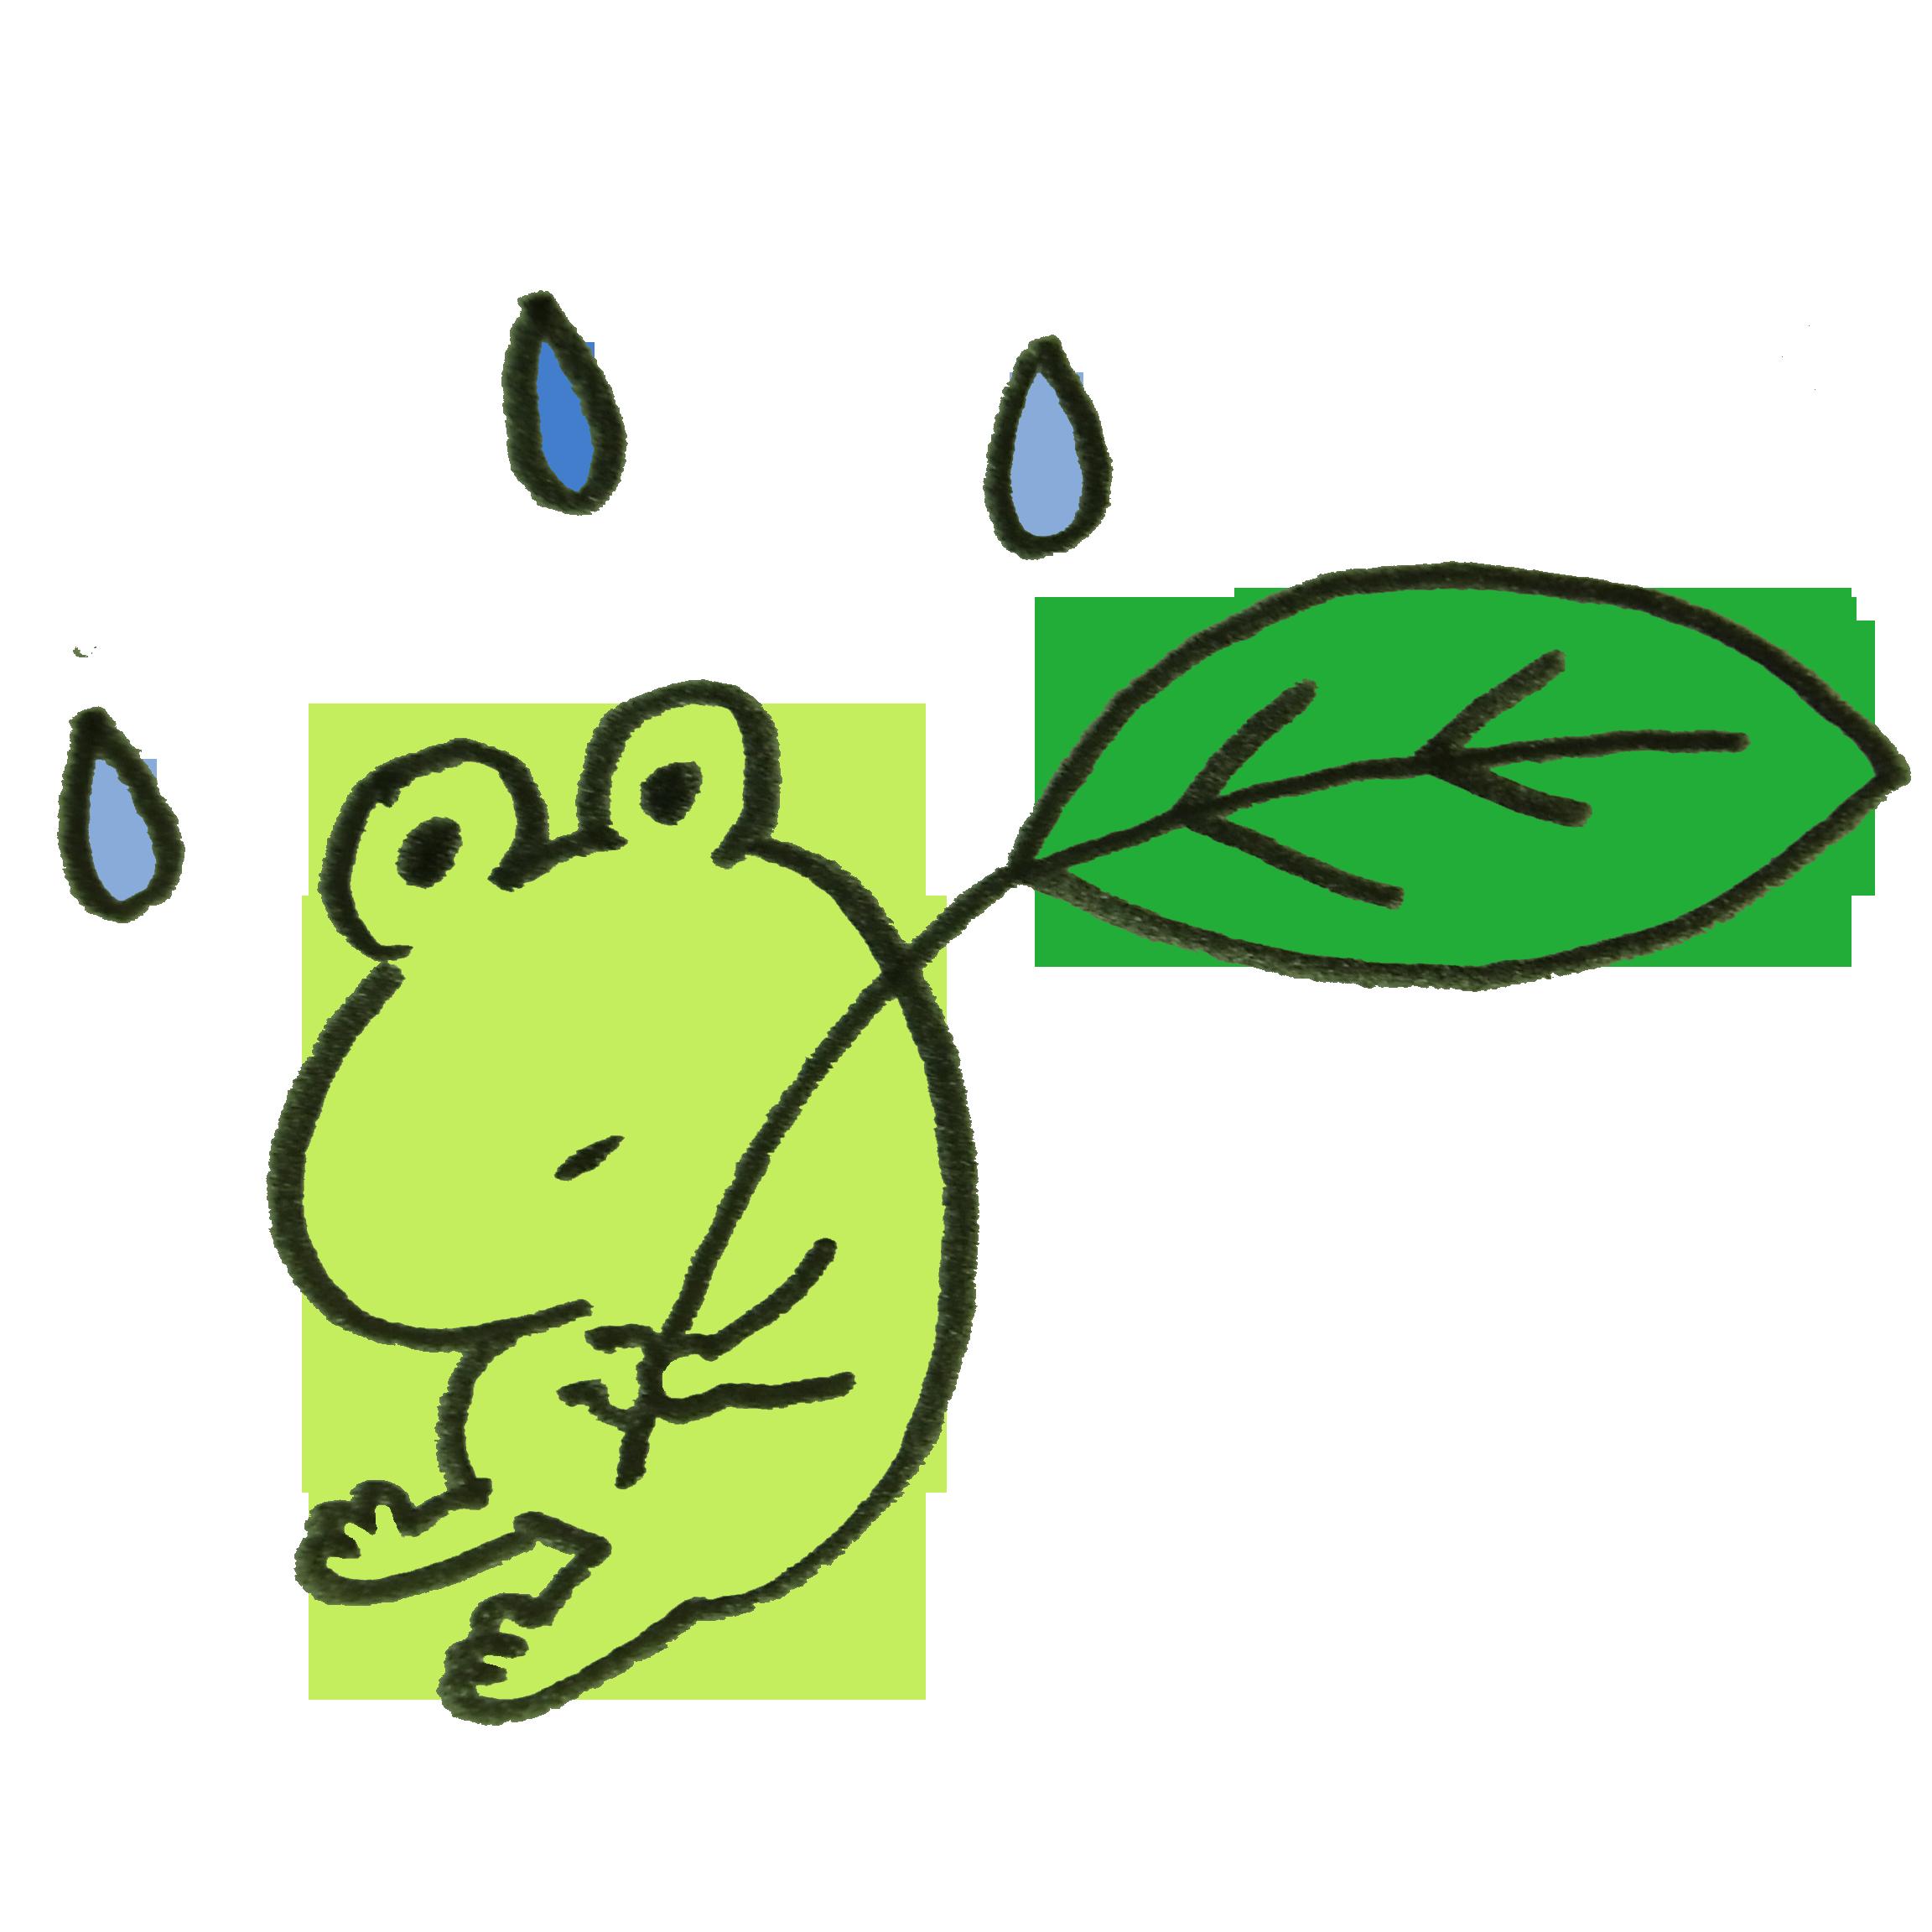 葉っぱを持ったカエルのイラスト ゆるくてかわいい無料イラスト素材